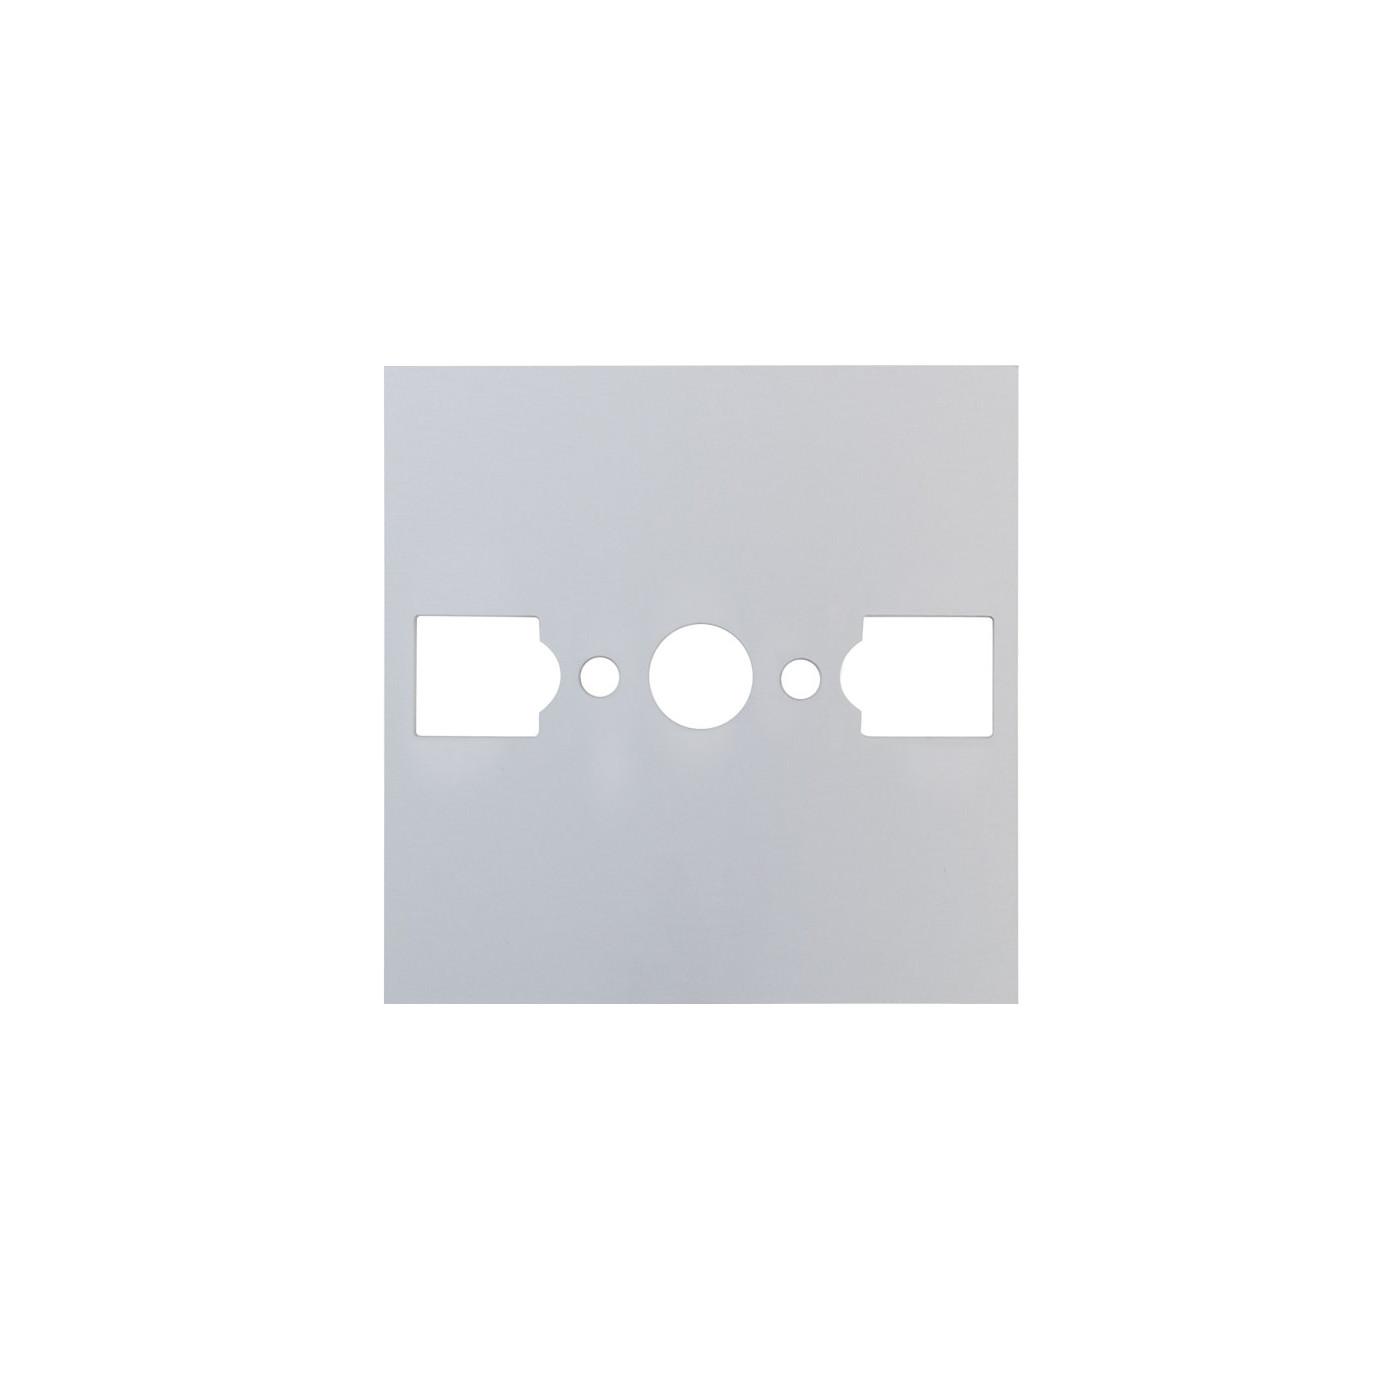 Serien Lighting SML Wall Halogen Wandabdeckplatte für Wandleuchte